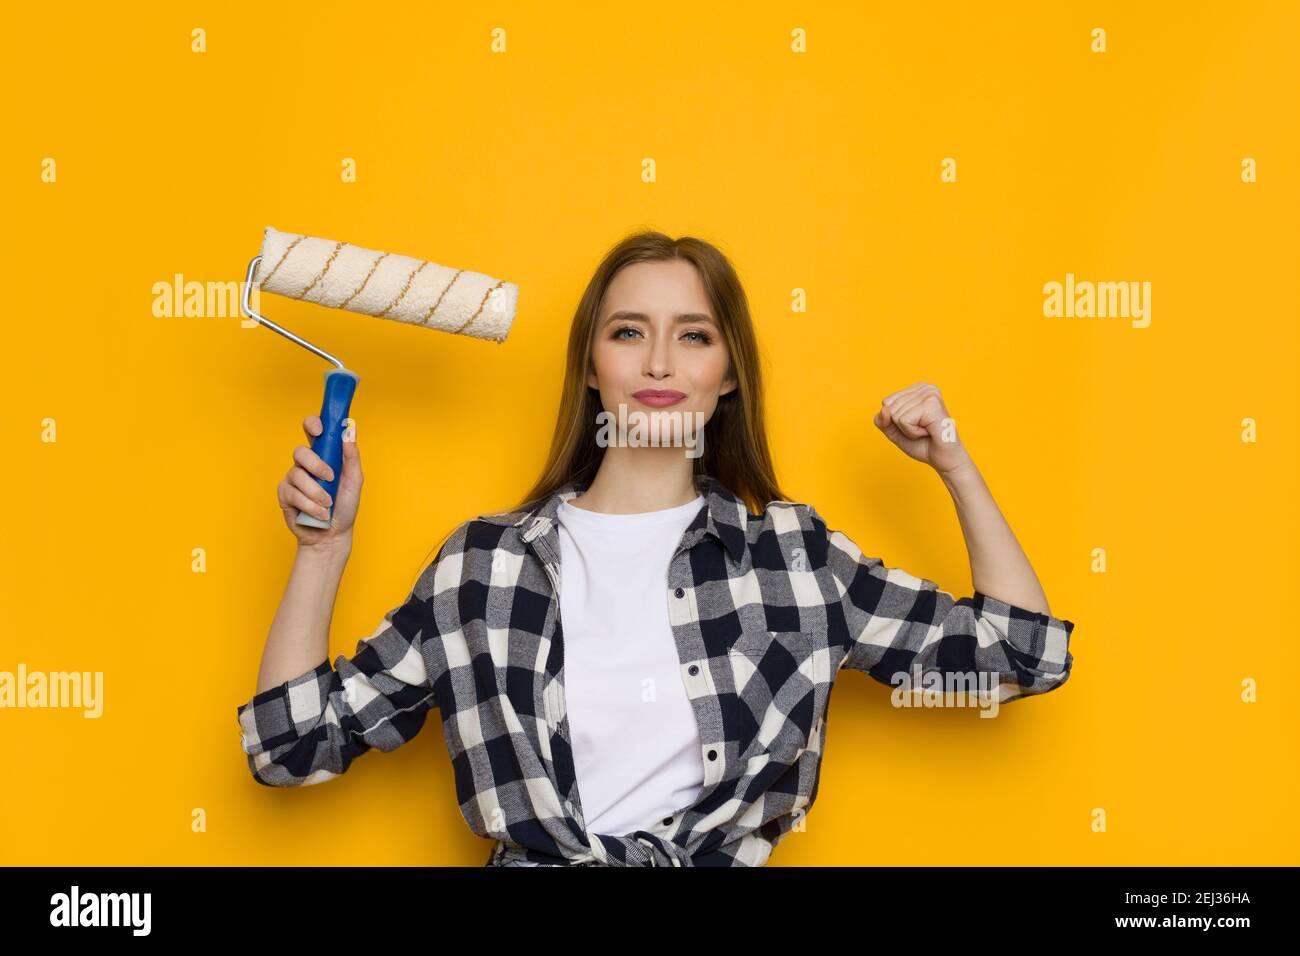 Confiante décontracté jeune femme en chemise de bûcheron tient le rouleau de peinture dans une main et l'autre vers le haut avec le poing serré. Taille haute studio photo sur jaune b Banque D'Images